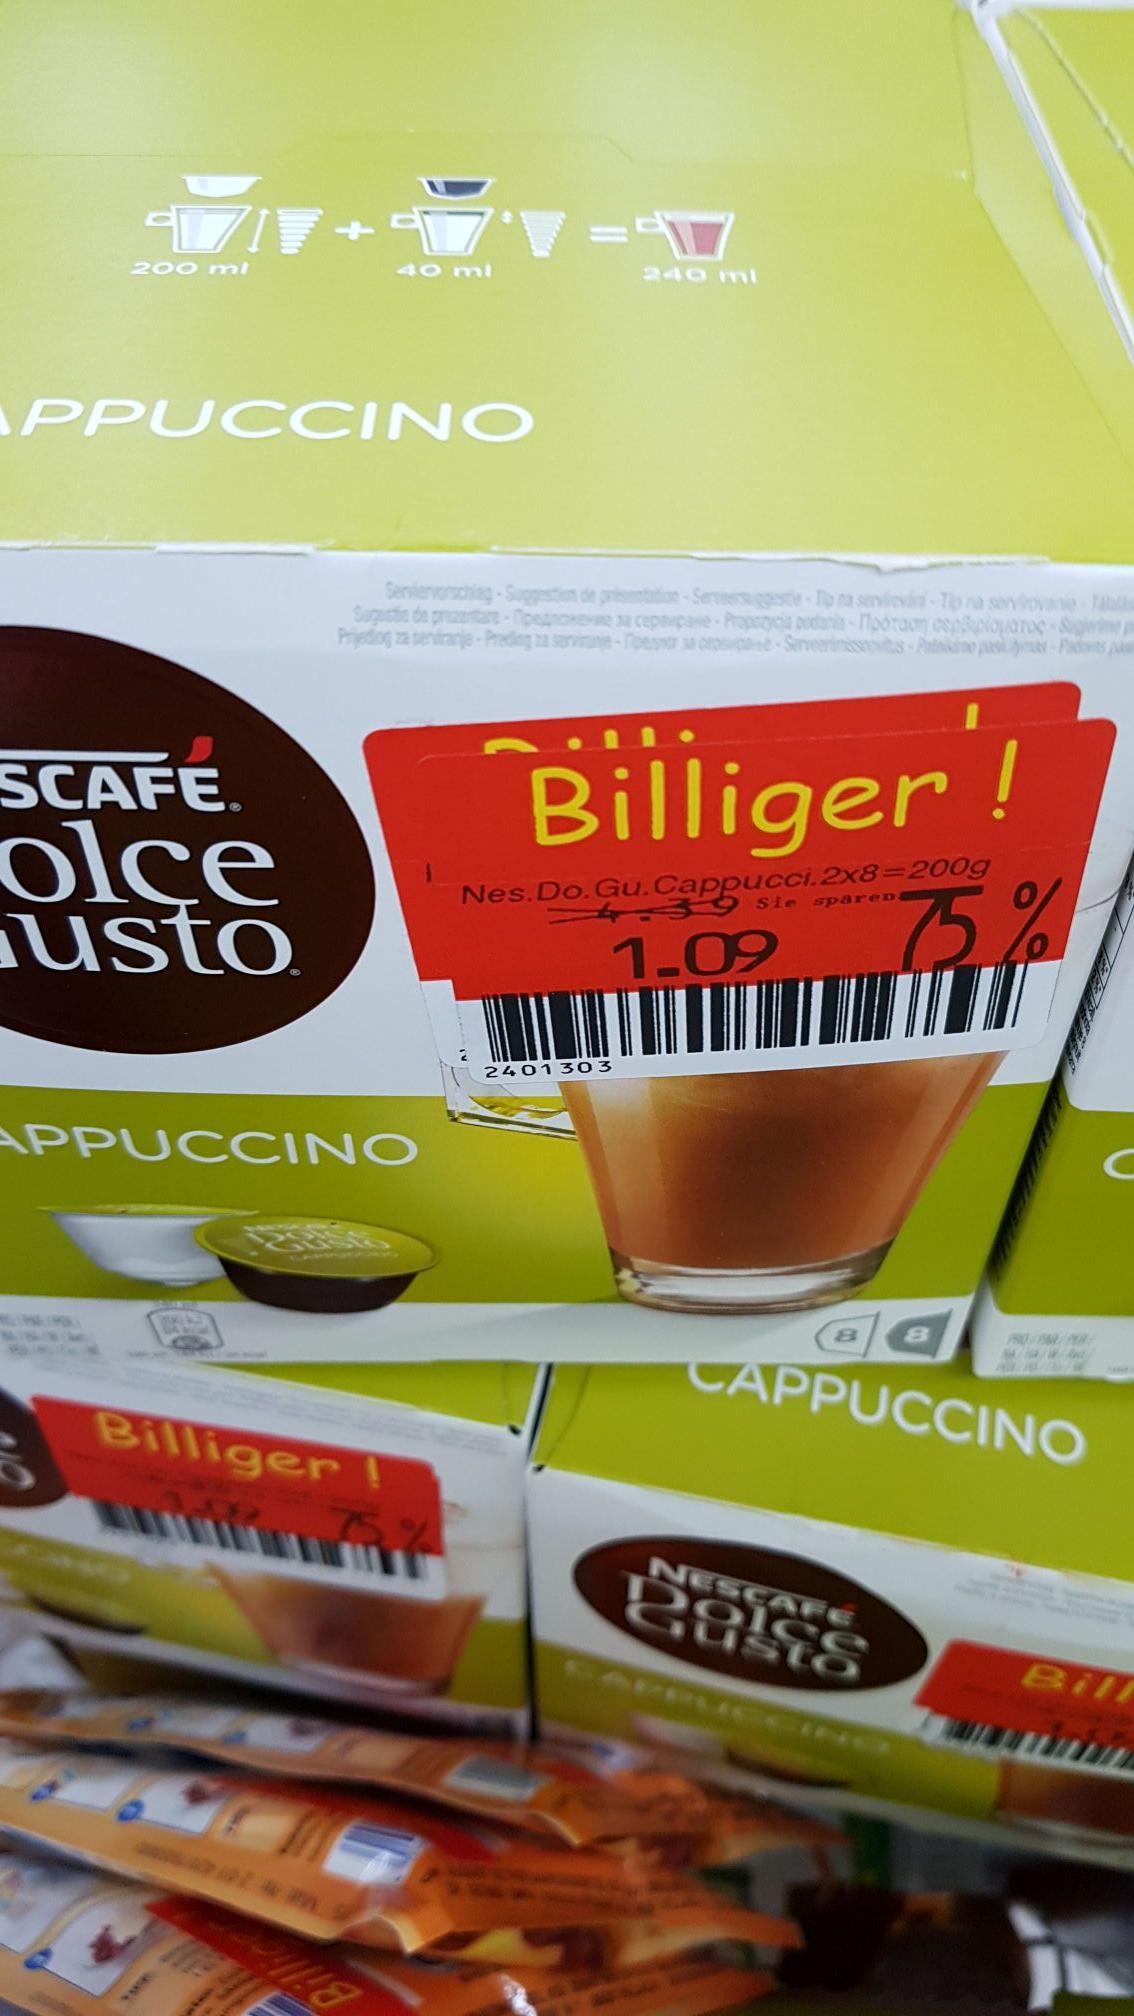 [LOKAL] KAUFLAND Siegen (Hagener Str.) DOLCE GUSTO Cappuccino für 1.09€